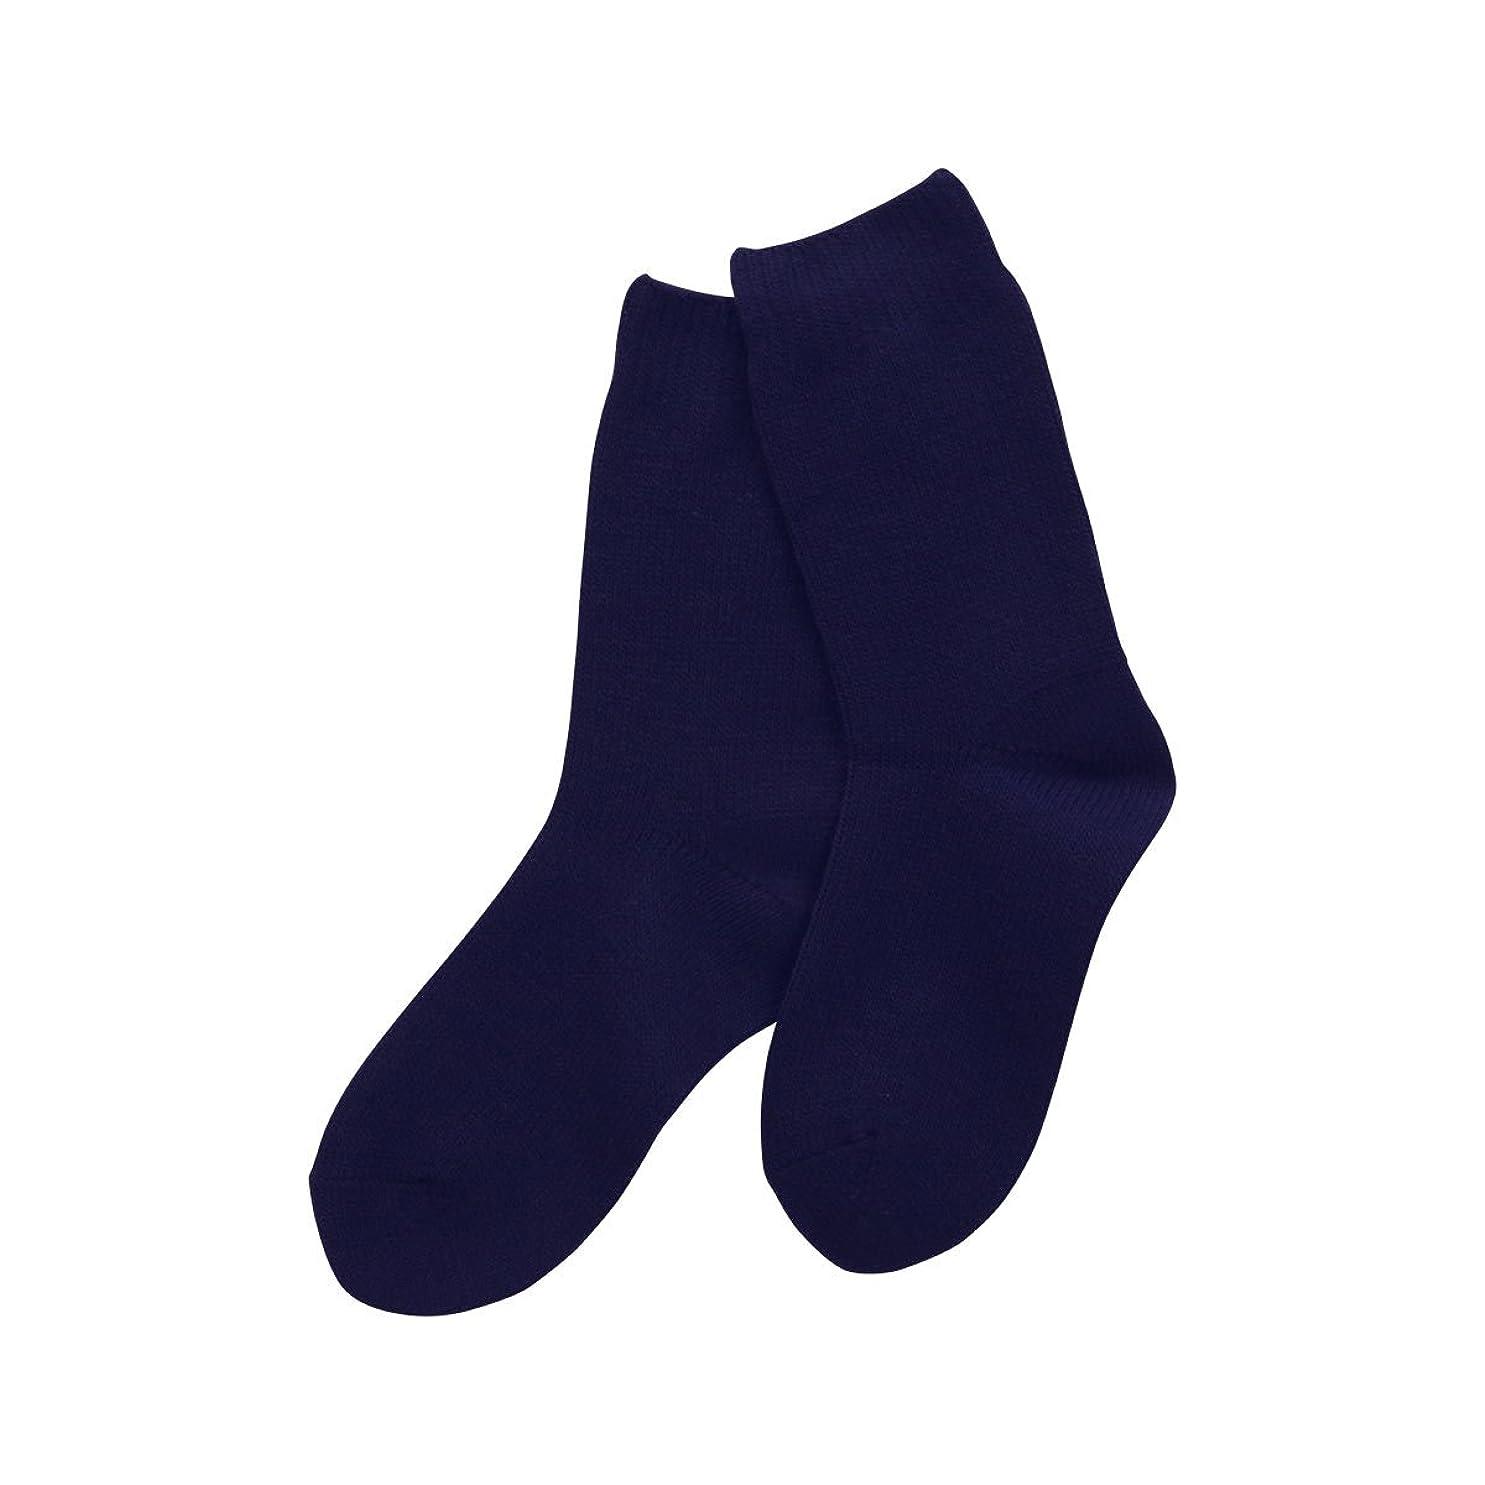 懐疑的カール最少(コベス) KOBES ゴムなし 毛混 超ゆったり特大サイズ 靴下 日本製 紳士靴下